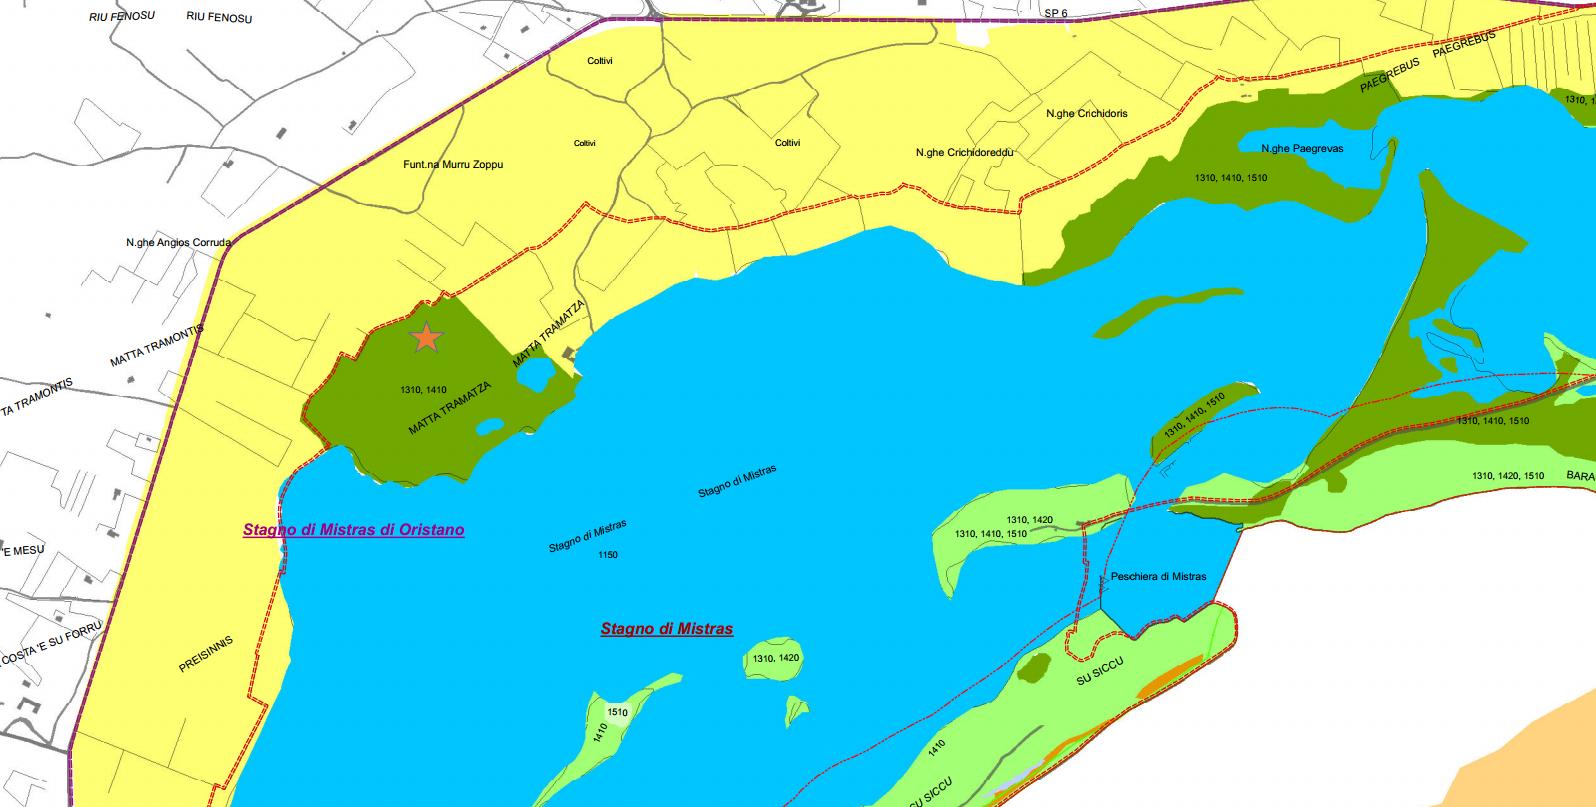 """Fig. 2, la laguna di Mistras. Immagine da questo documento. E' stata aggiunta la posizione approssimativa del pozzo (stellina arancione). Il giallo indica coltivi, il verde scuro a Matta Tramatza  indica""""Vegetazione pioniera a Salicornia e altre specie annuali/Pascoli inondati mediterranei (Juncetalia marittimi)""""."""